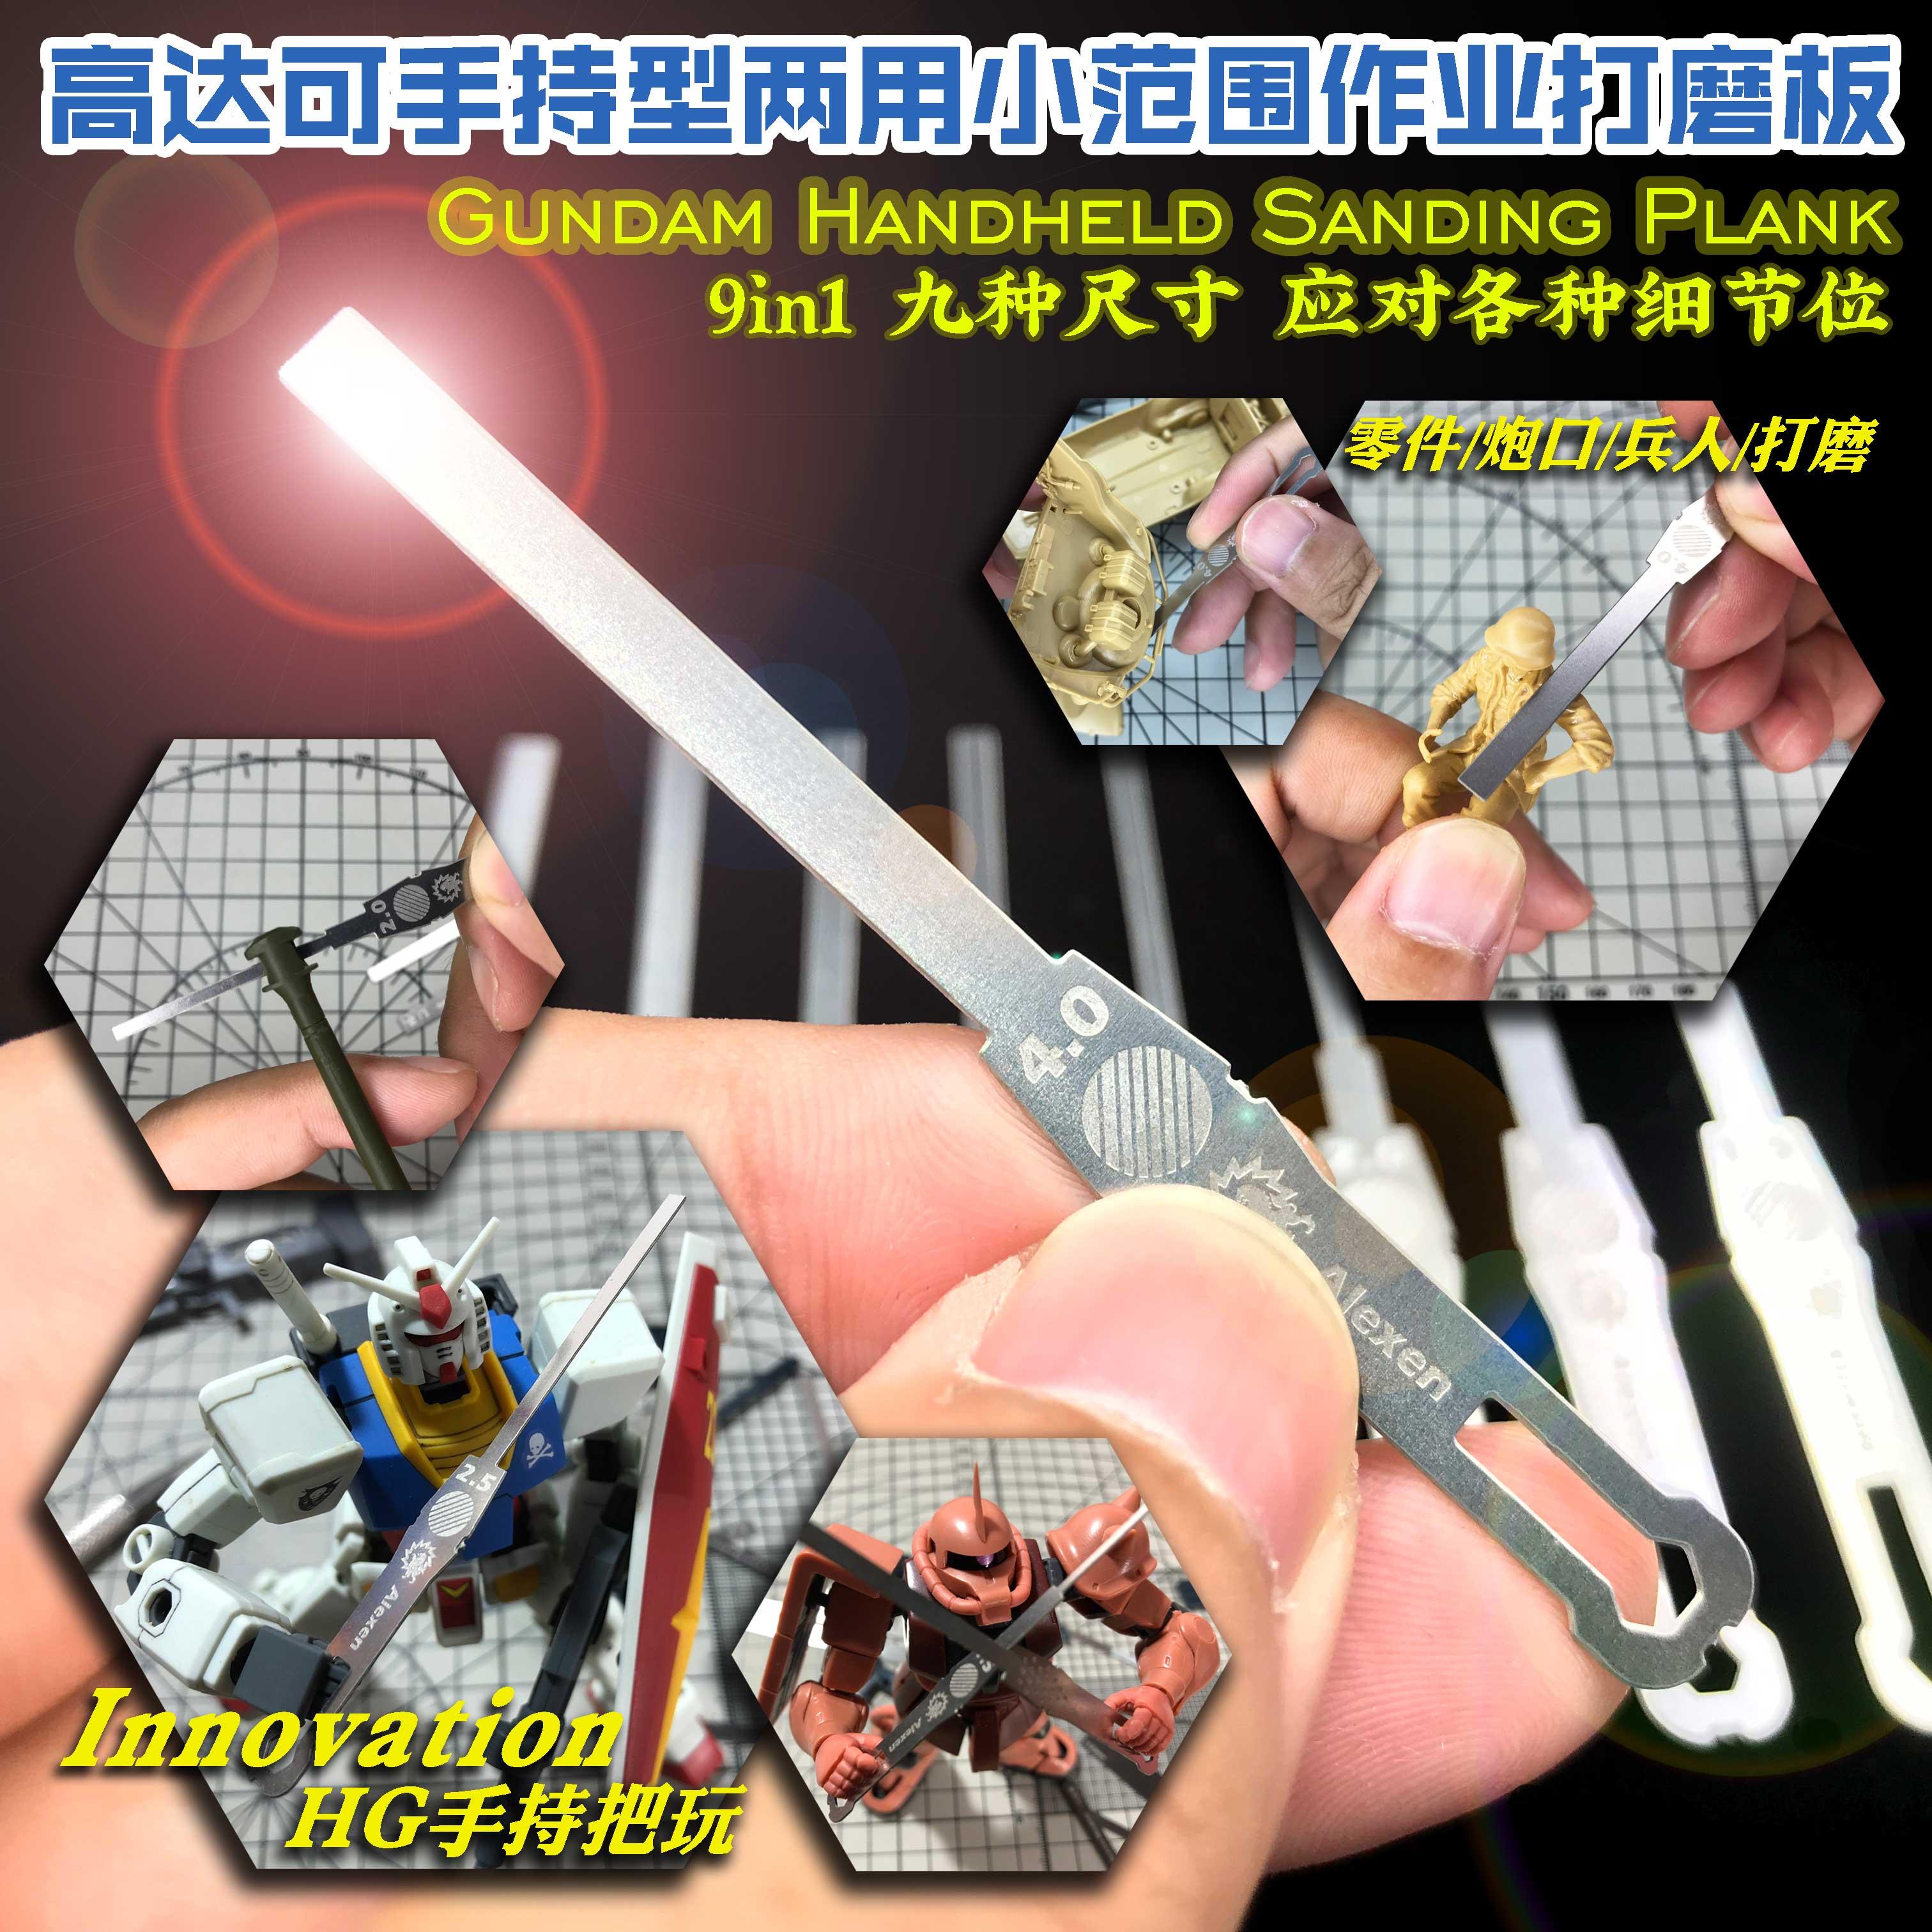 【艾烈臣】AJ0068 HG可把玩手持式+小范围研磨 模型专用打磨板/器